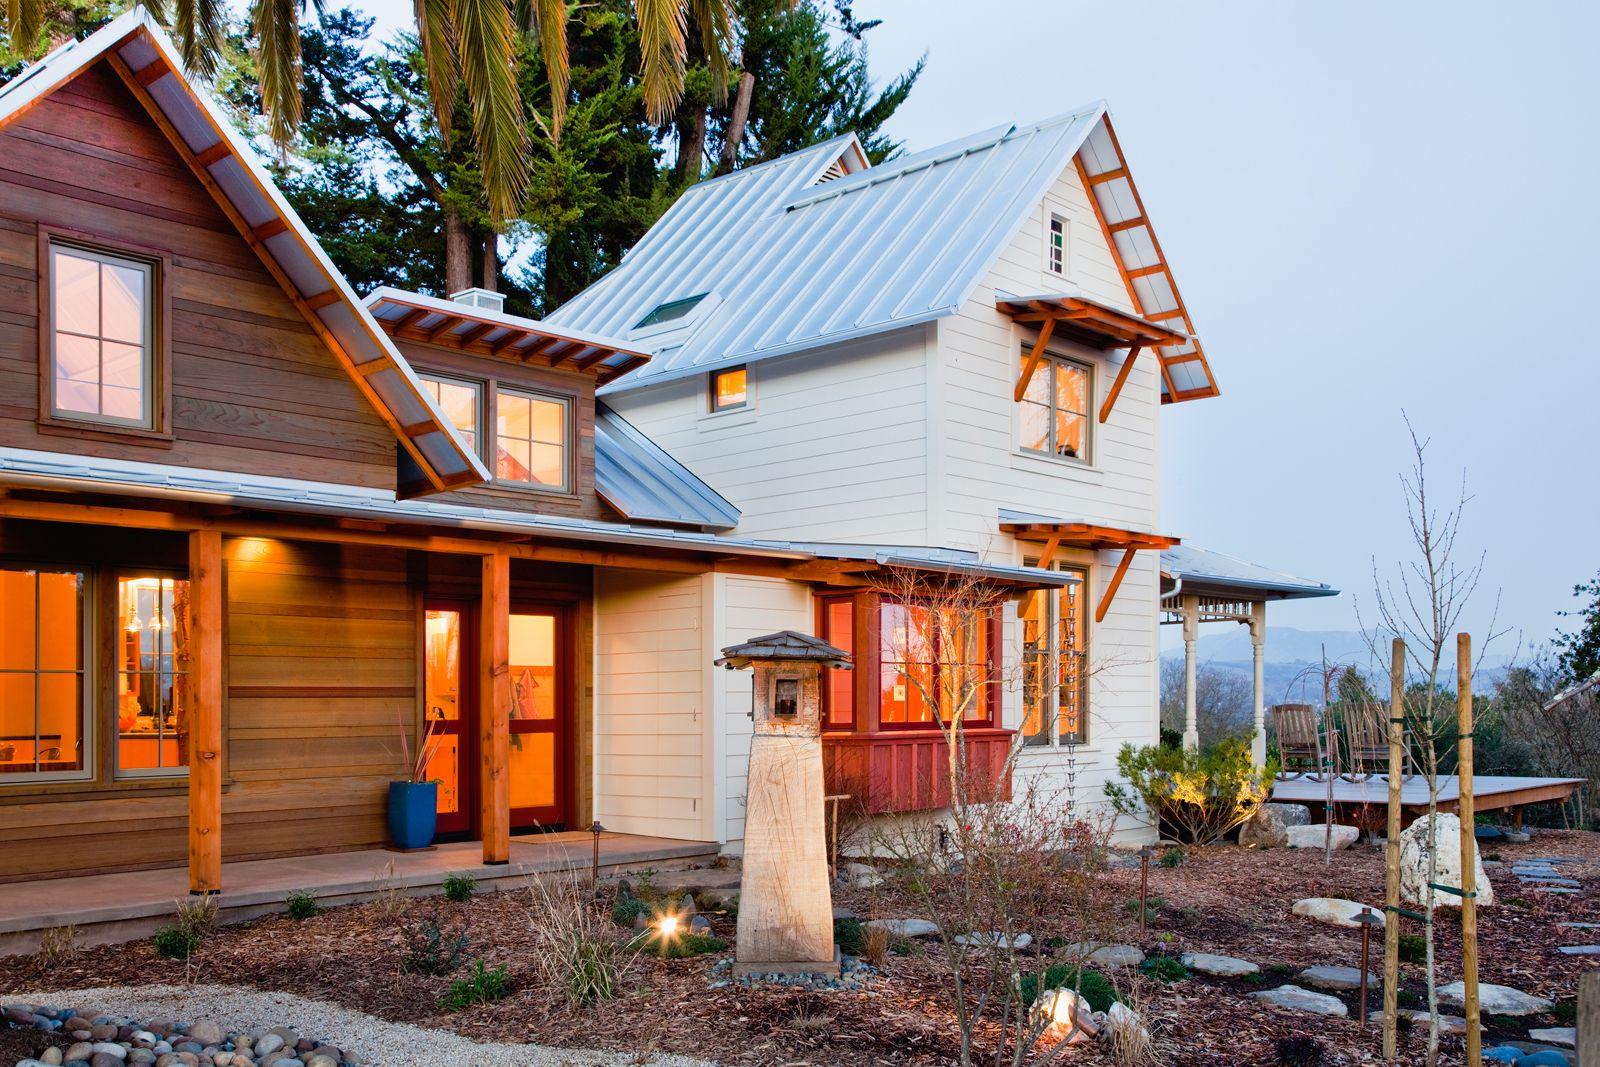 Ideagarden Eco Farmhouse By Jaime Gillin With Images Farmhouse Exterior House Exterior Beach House Decor